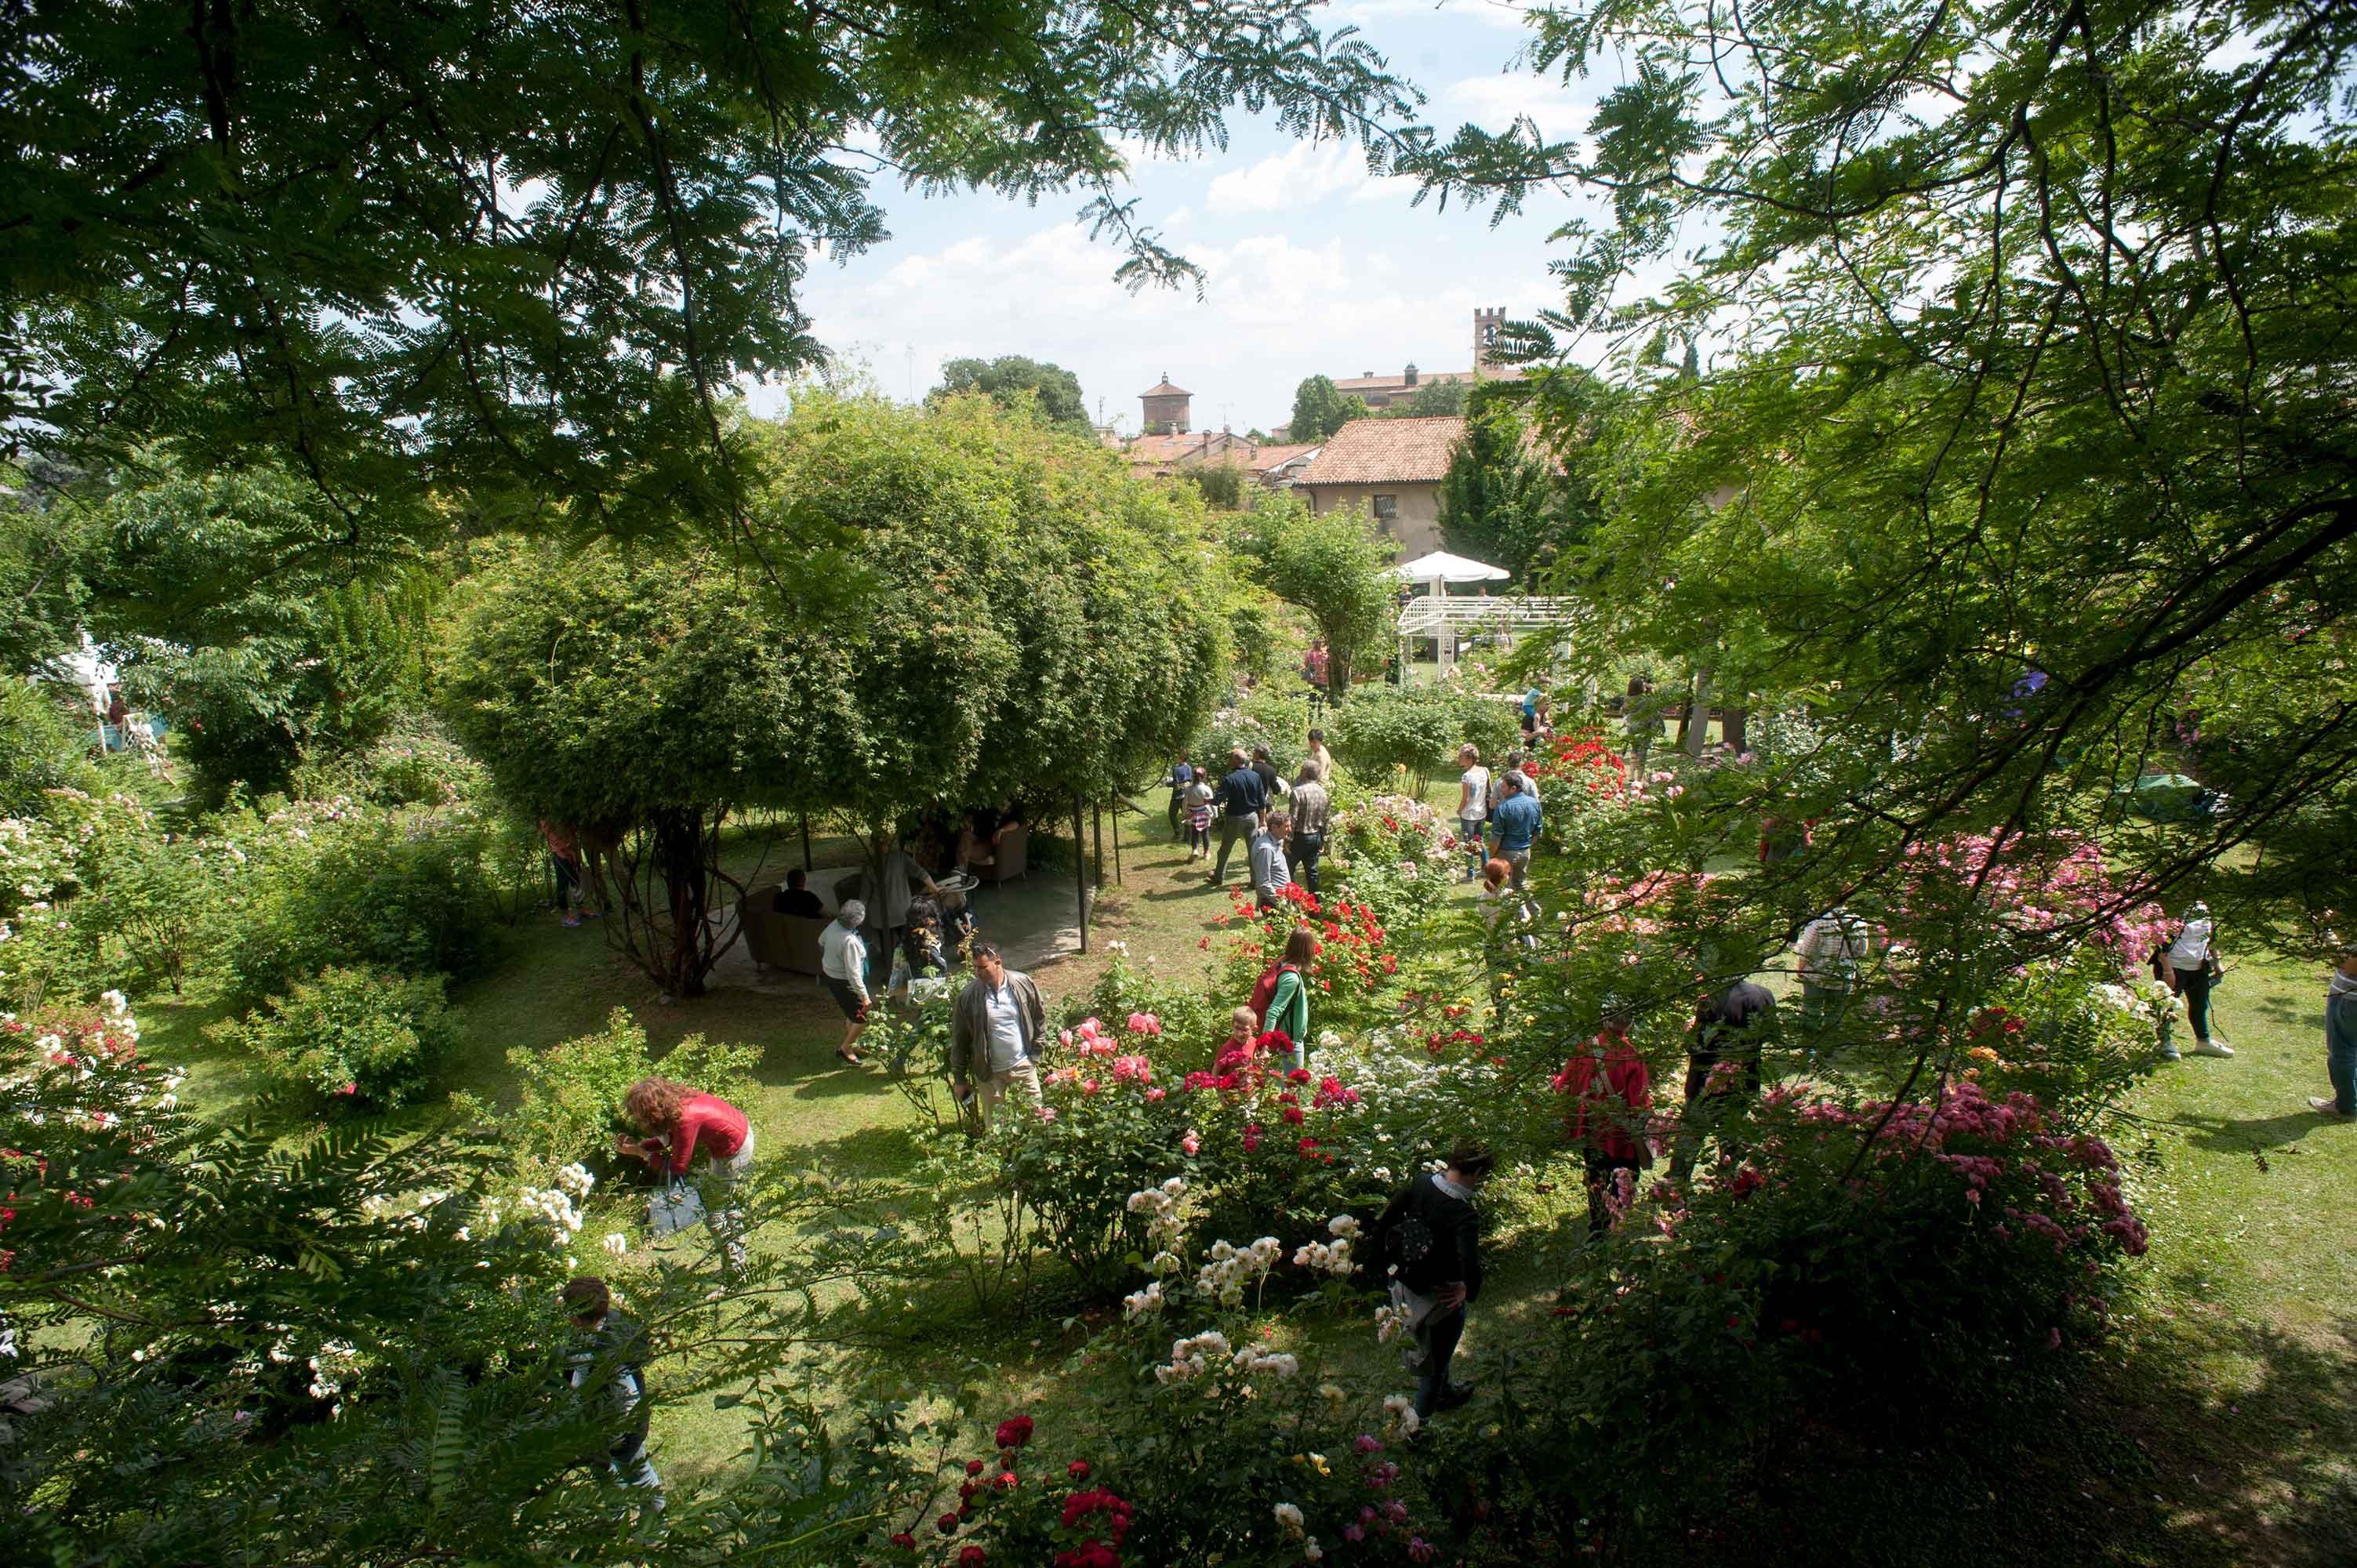 eventi di maggio all'aria aperta - cose di casa - Giardini E Terrazzi Garden Show Mostra Mercato